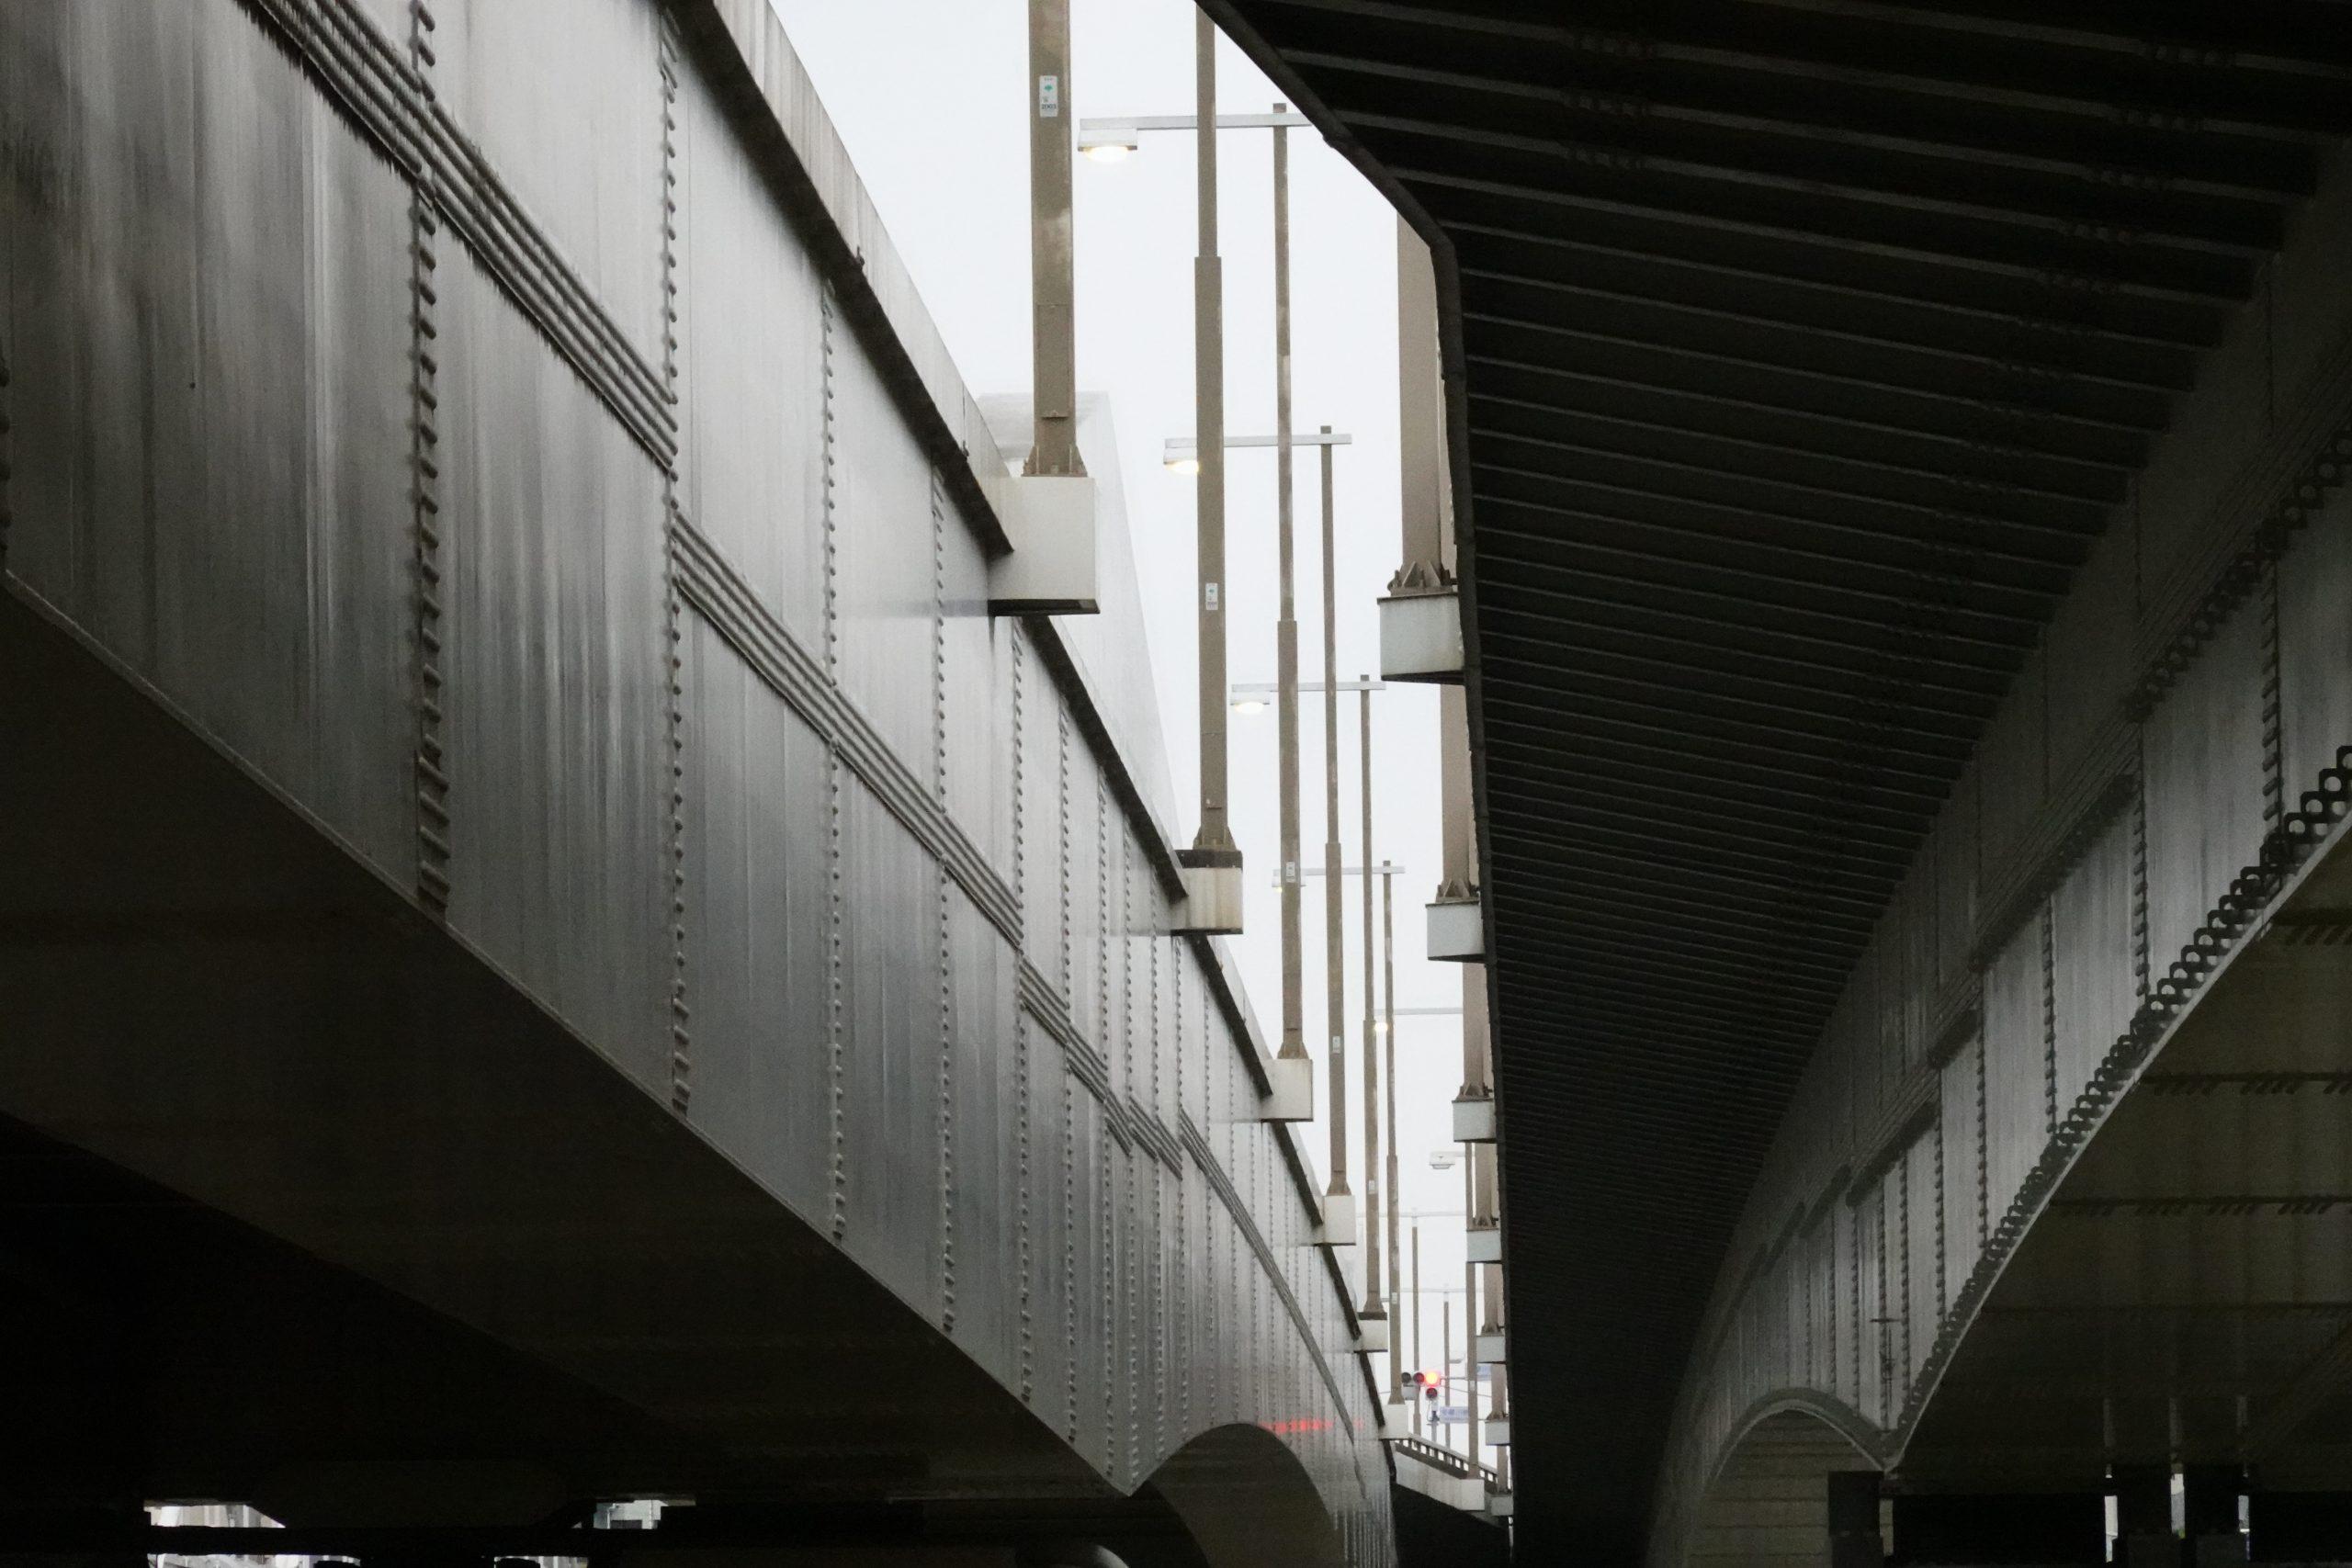 【SONY】RX100M7と一緒に大きな橋を見上げた日